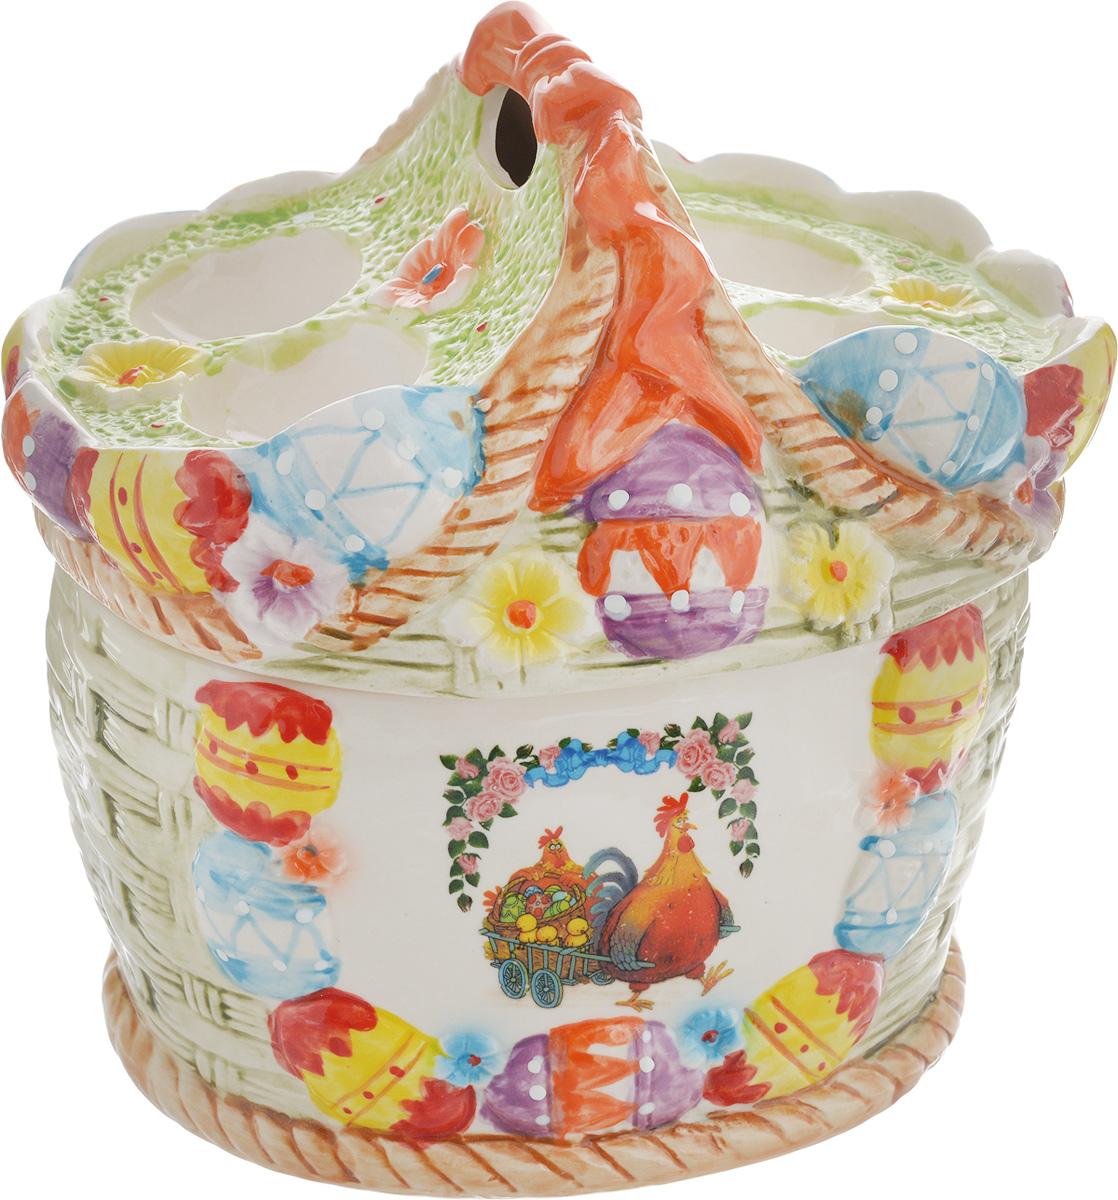 Ваза Win Max, для пасхальных яиц и угощений, 20 х 22 х 18 см14025Ваза Win Max изготовлена из высококачественной керамики с глазурованным покрытием и оформлена рельефным рисунком. Изделие дополнено крышкой, на которой расположены подставки для яиц. Крышка дополнена ручкой. Оригинальный дизайн украсит интерьер вашей кухни, а функциональность порадует любую хозяйку. Размеры емкости (без учета крышки): 19 х 16 х 11 смВысота крышки: 11 см